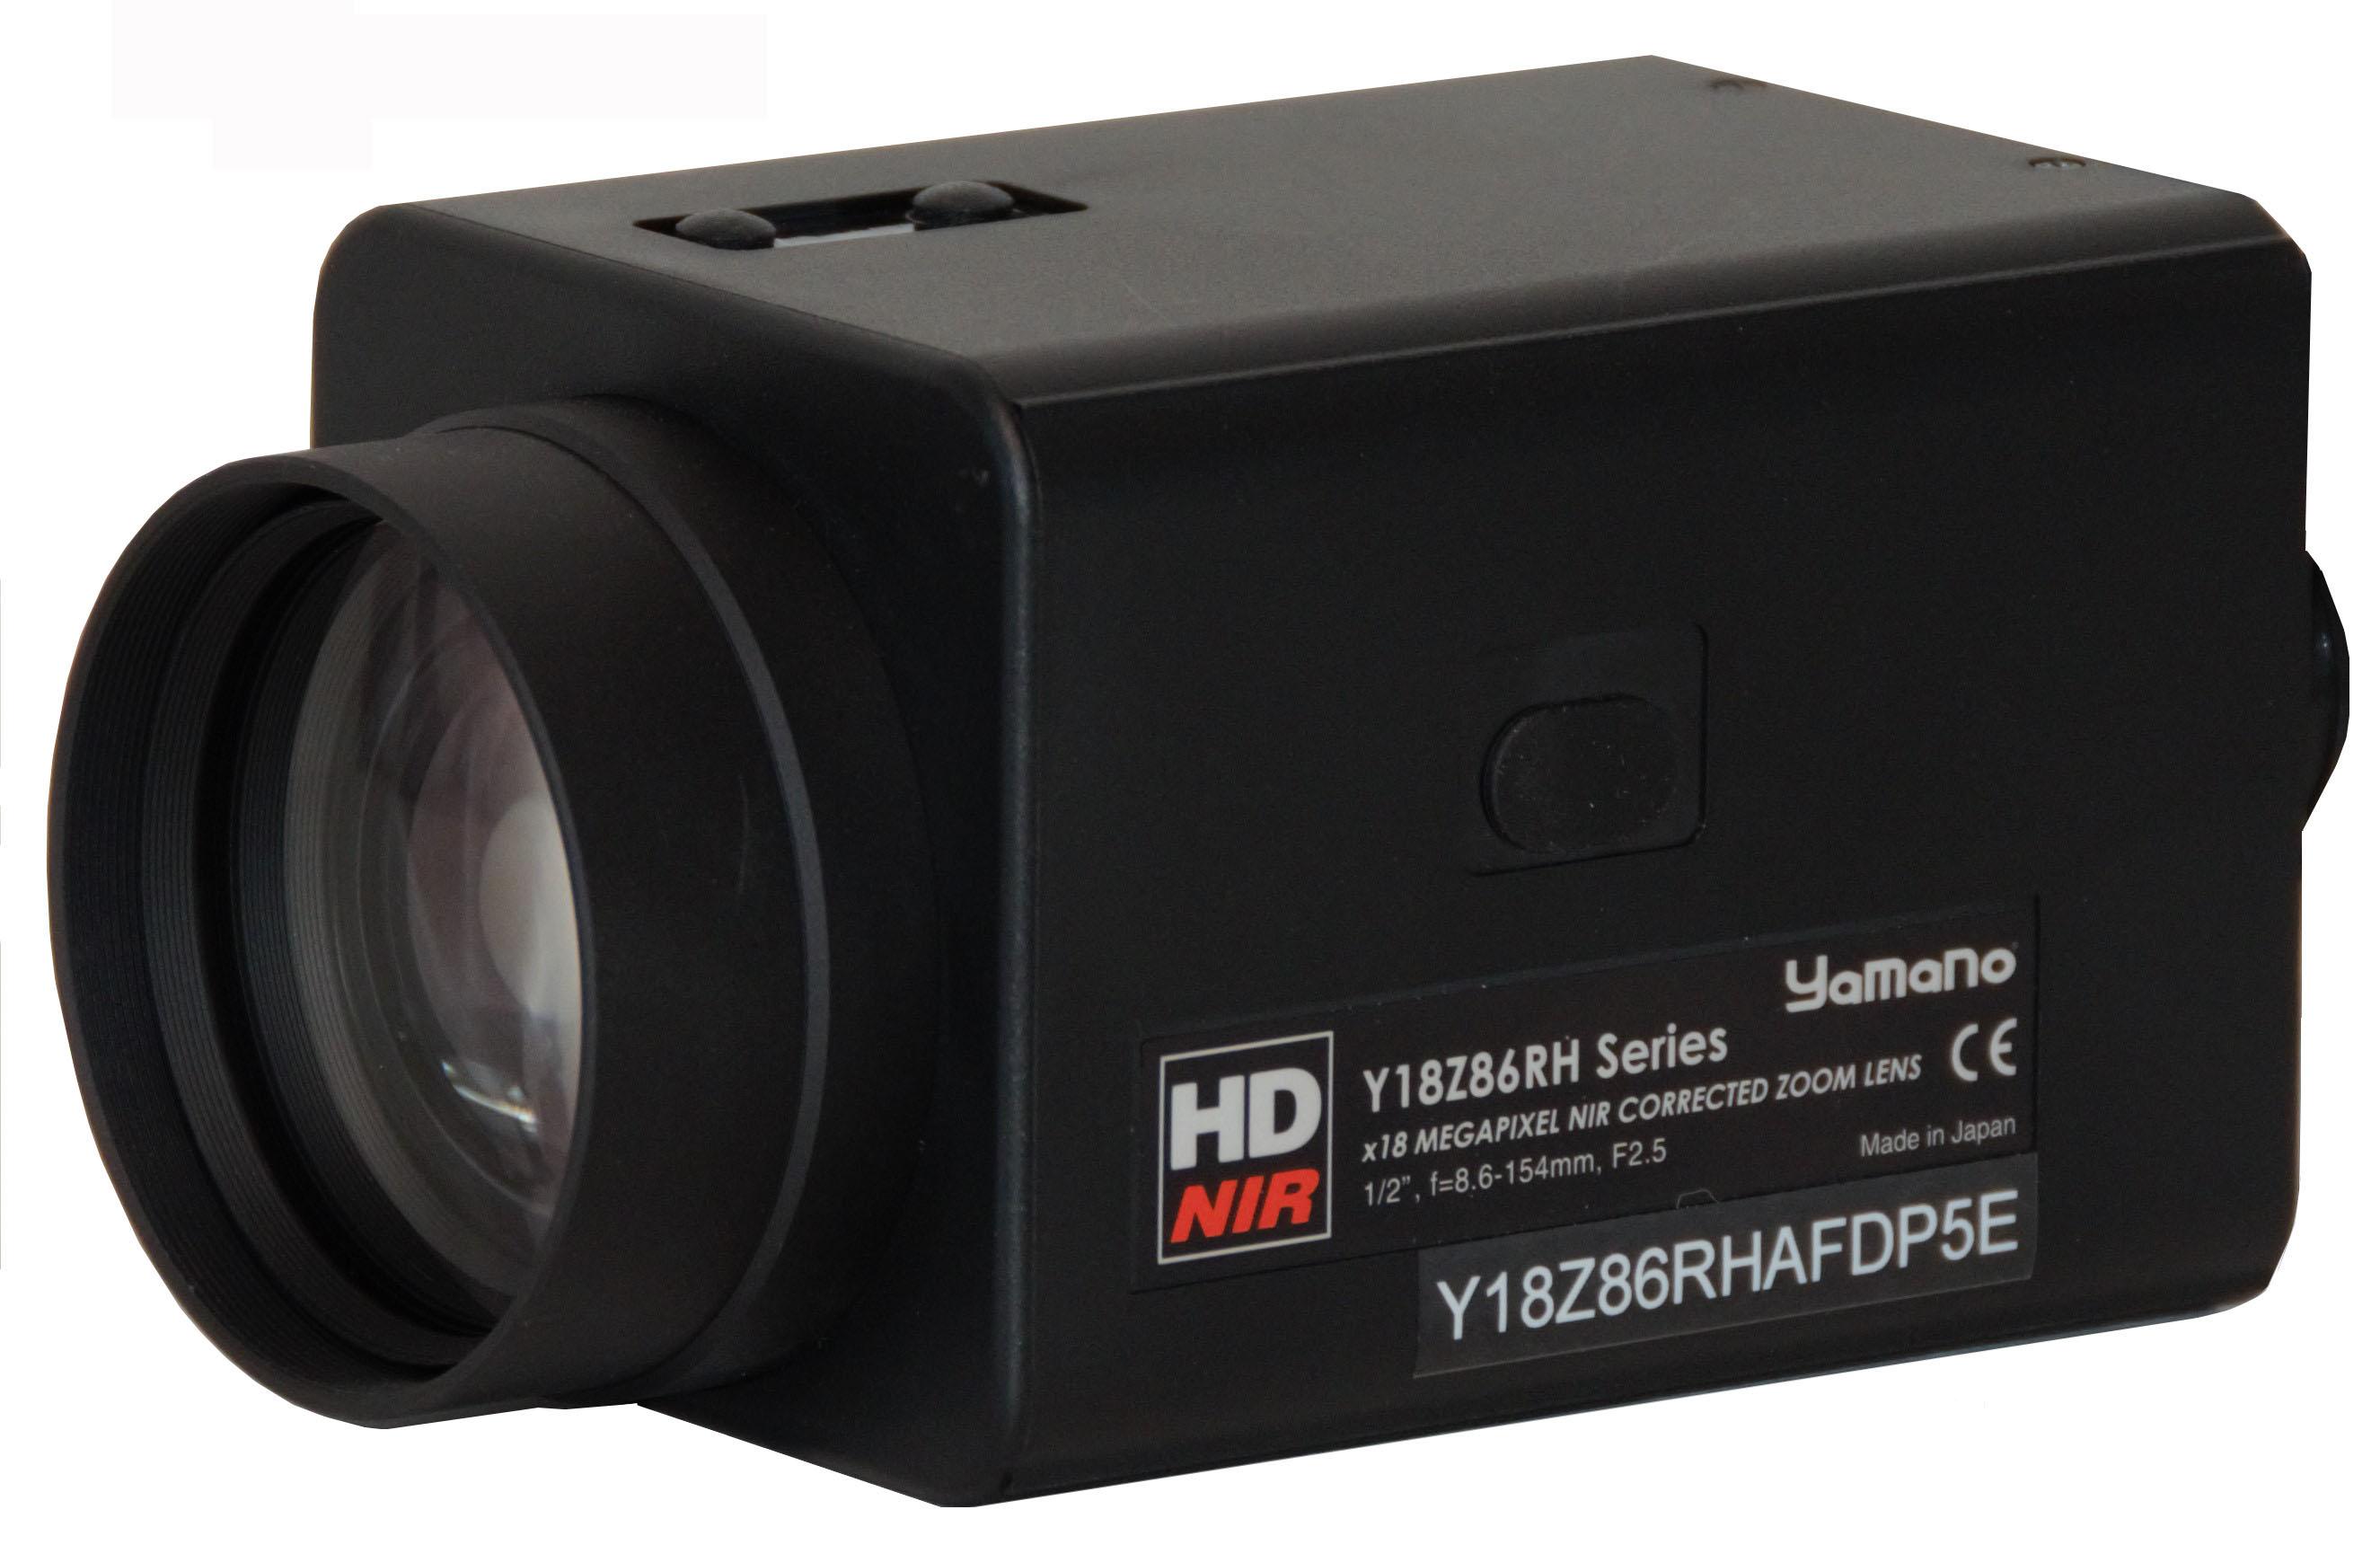 Y18Z86RH series<br>(8.6-154mm)